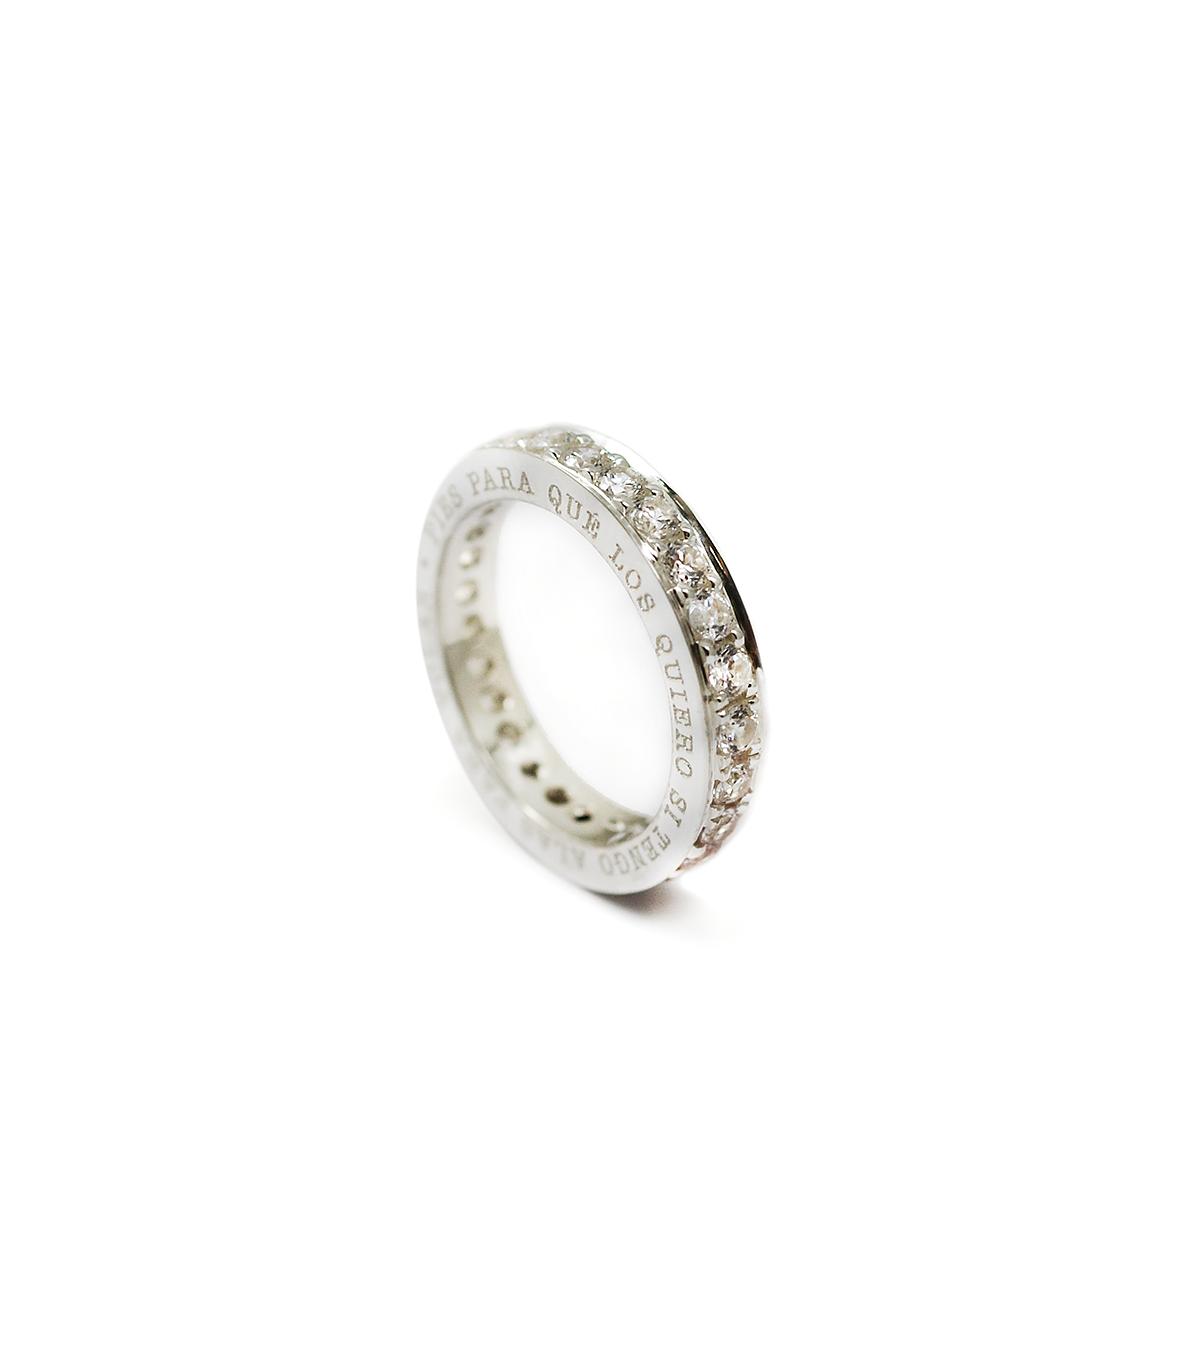 12b995c911c1 Anillo de plata personalizado Byside con circonitas. Joyas para ...